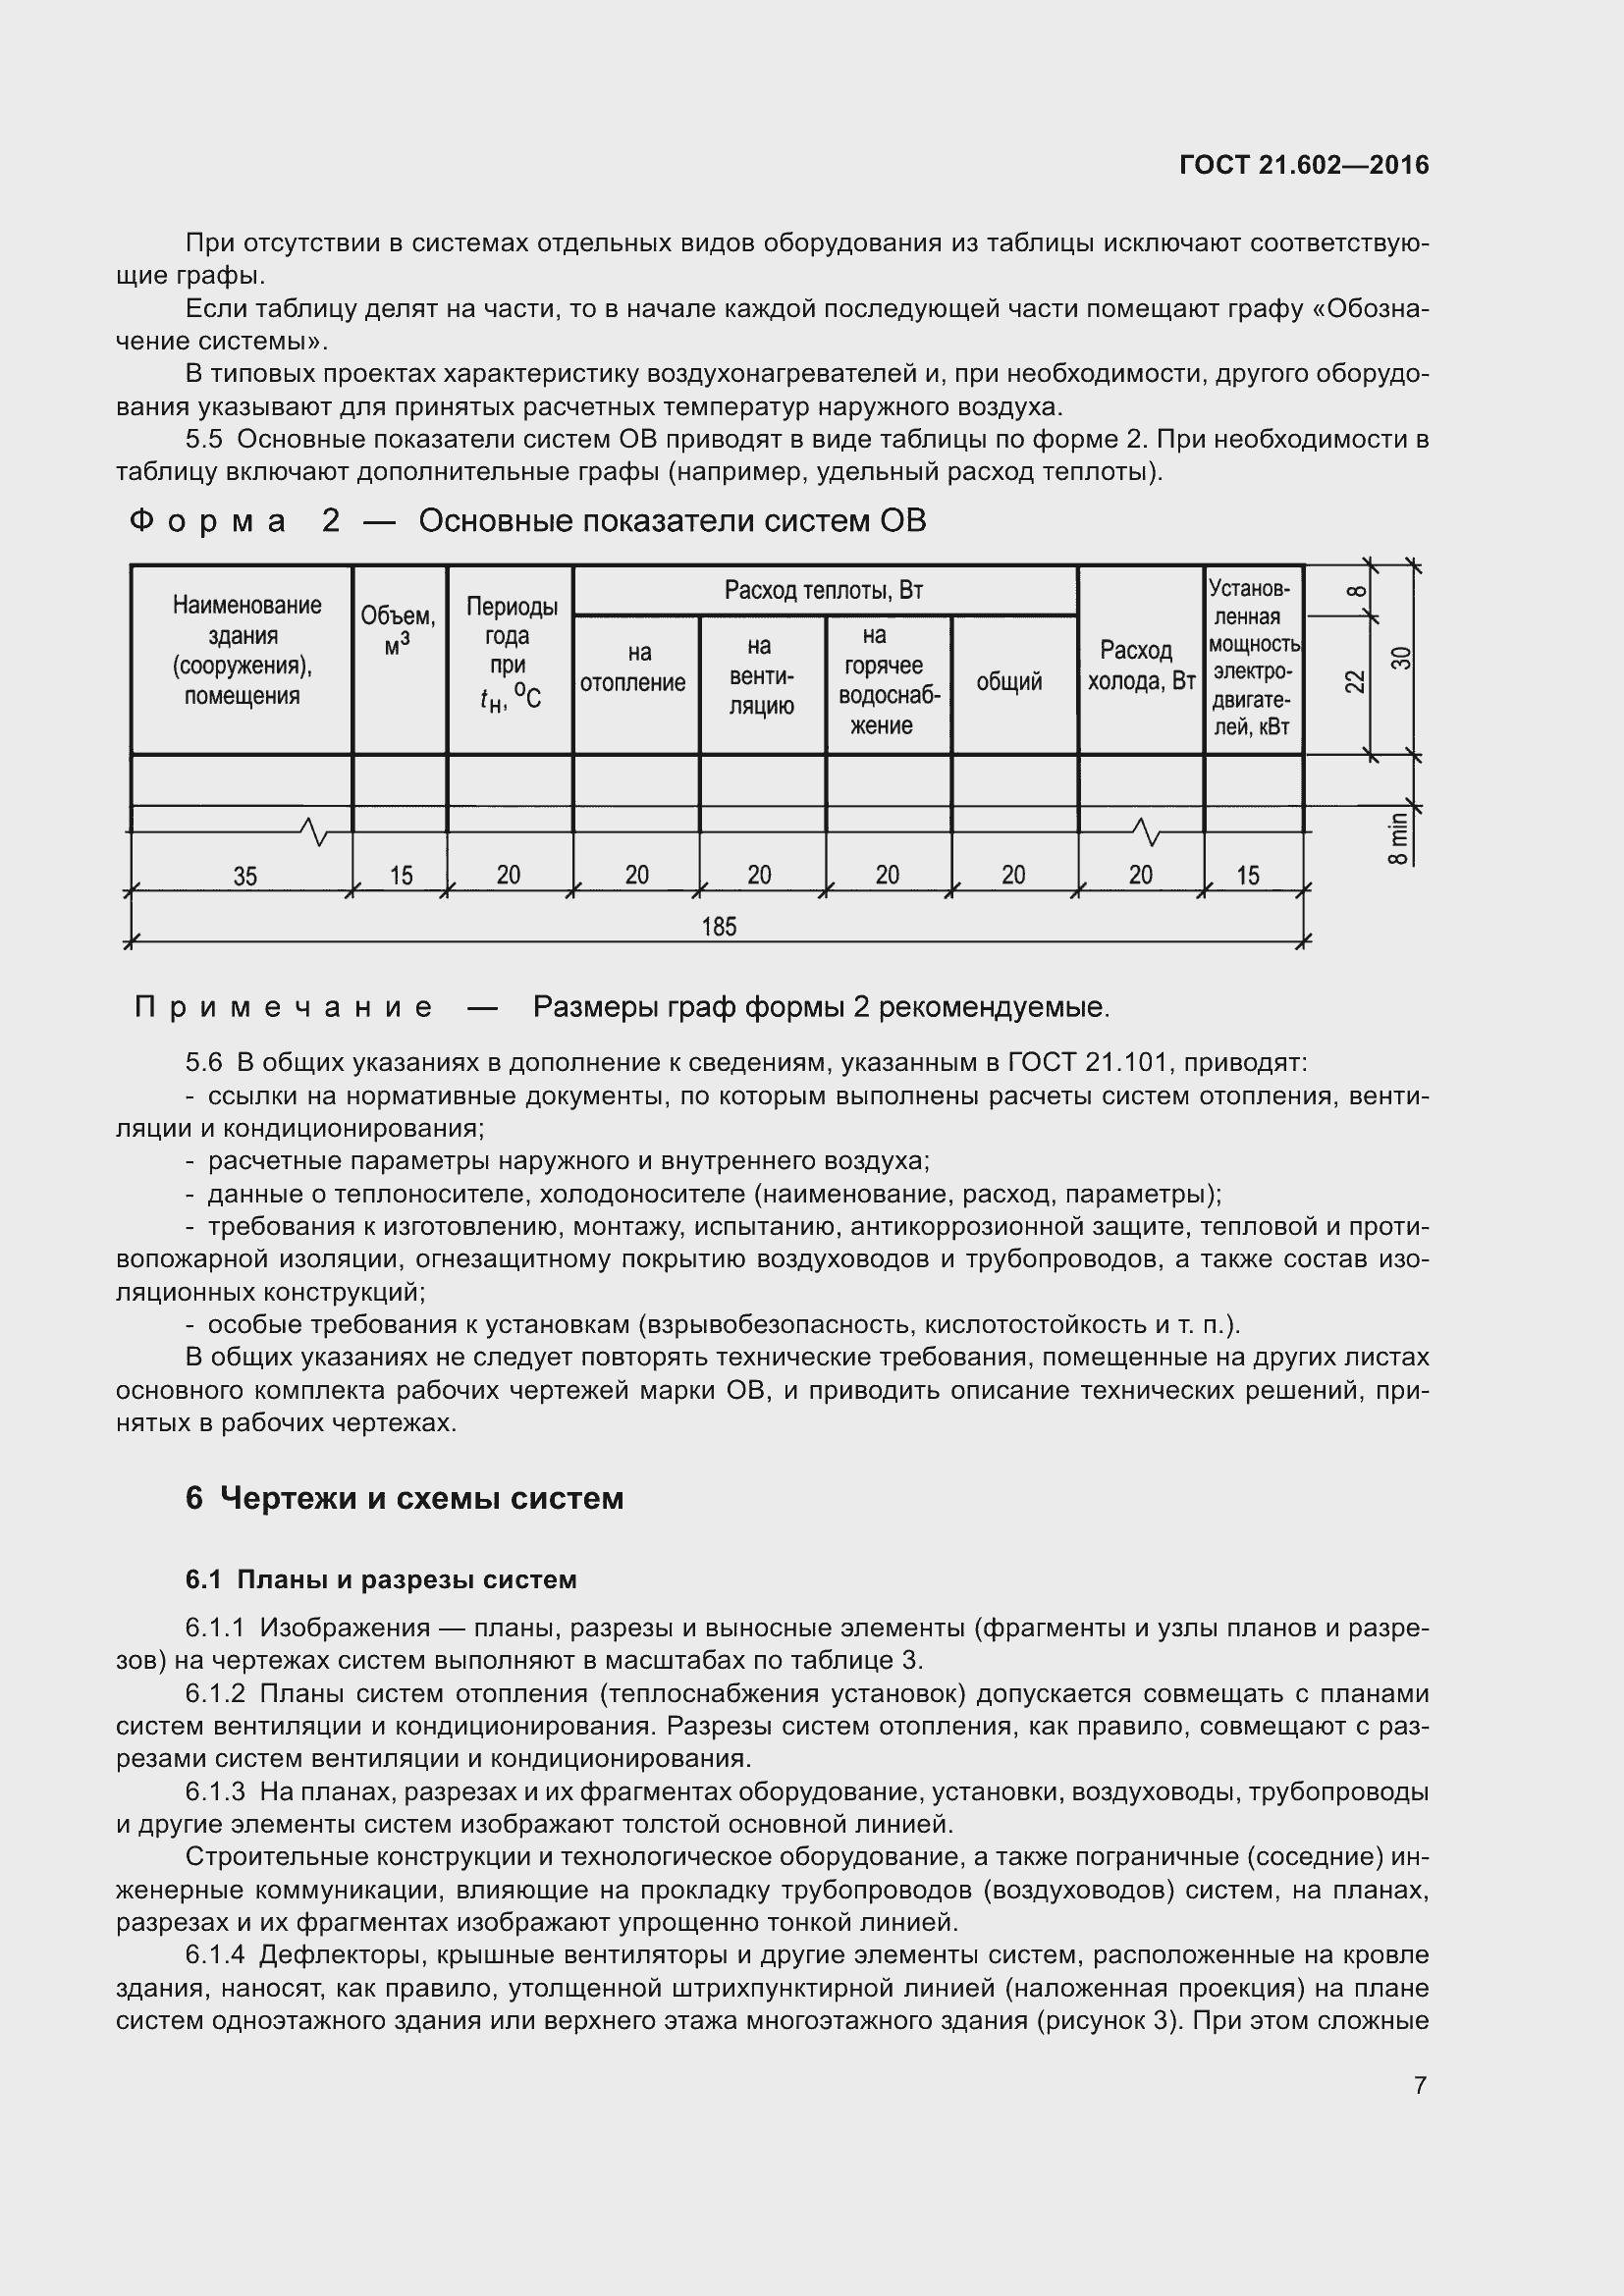 ГОСТ 21.602-2016. Страница 12